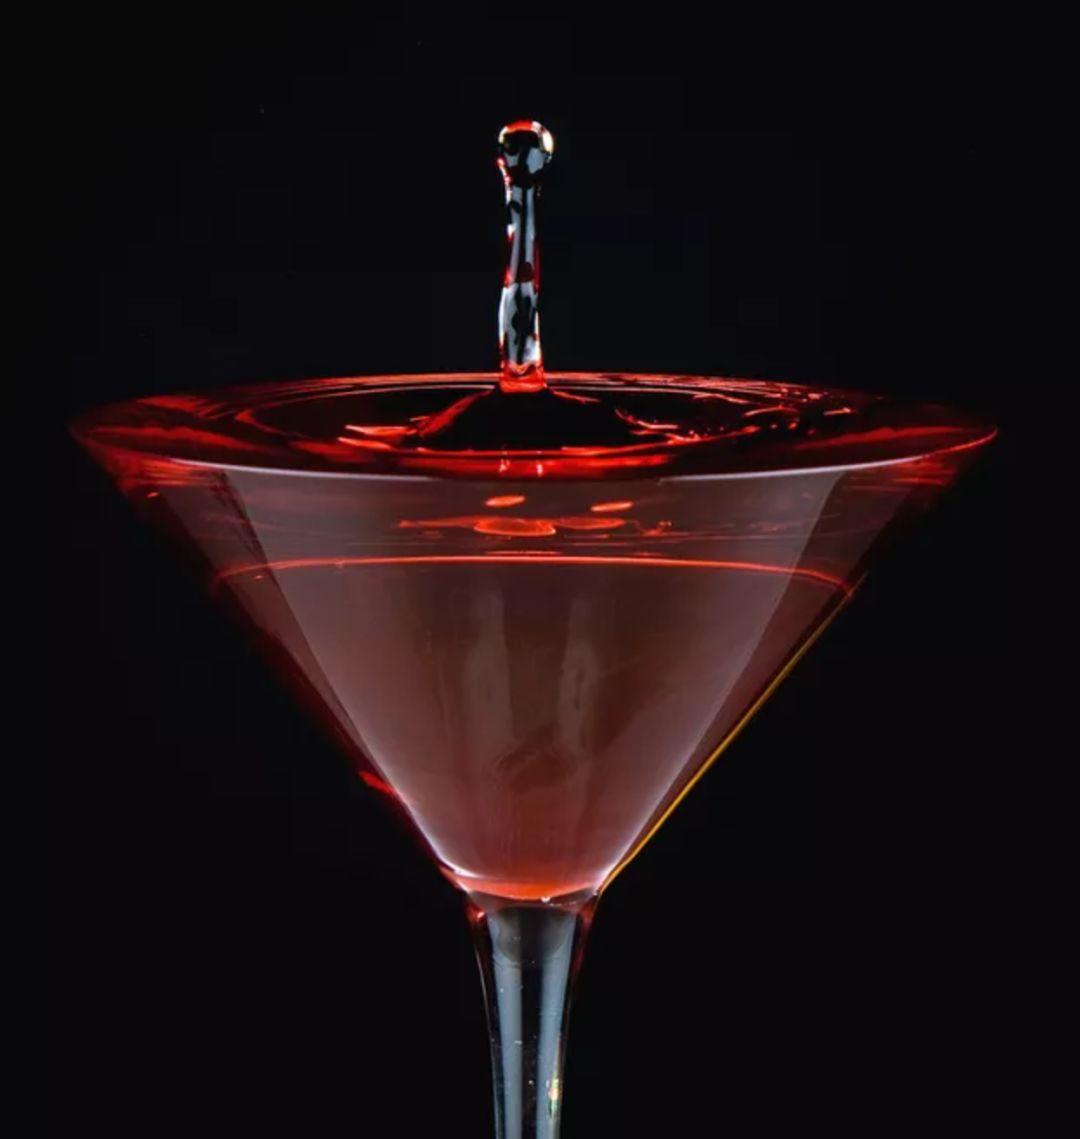 洋葱泡红酒什么时候喝最好 晚饭后临睡前饮用最佳